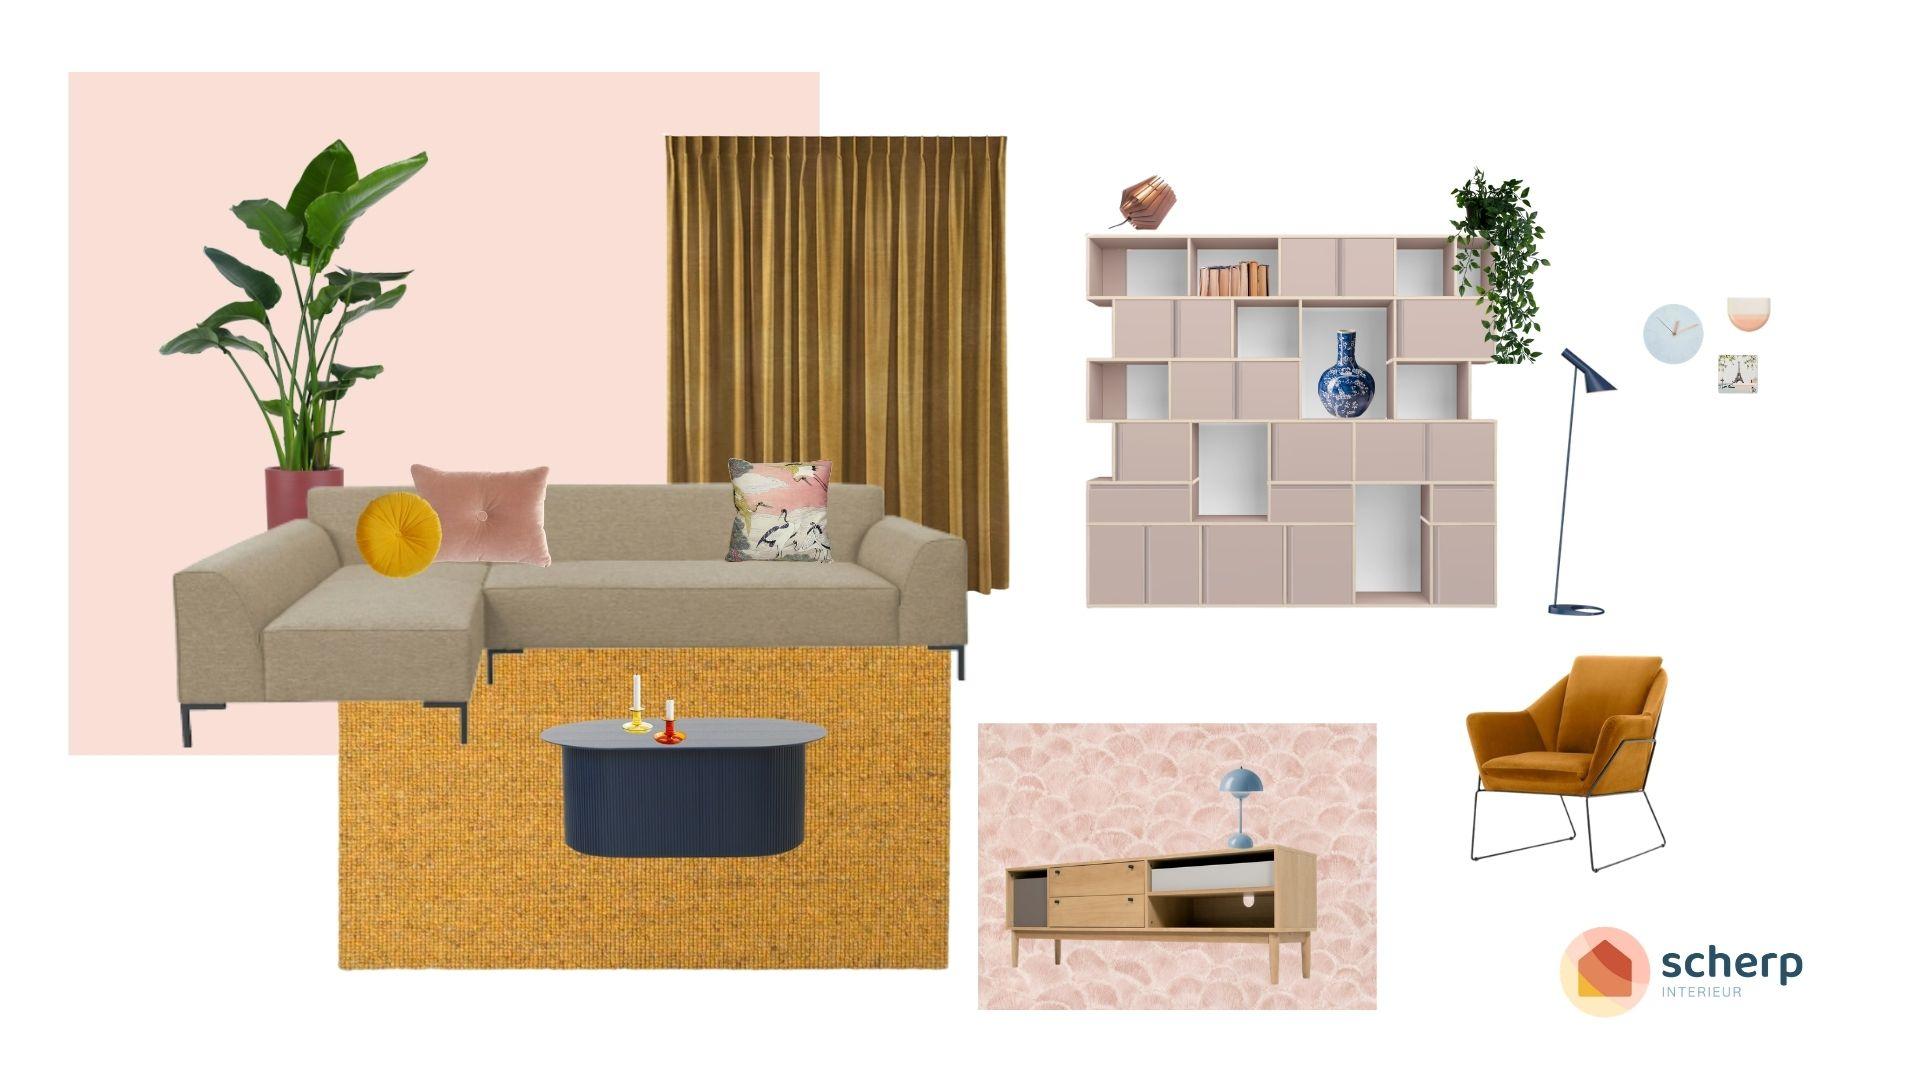 stylen van een woonkamer door een interieurstylist in rotterdam